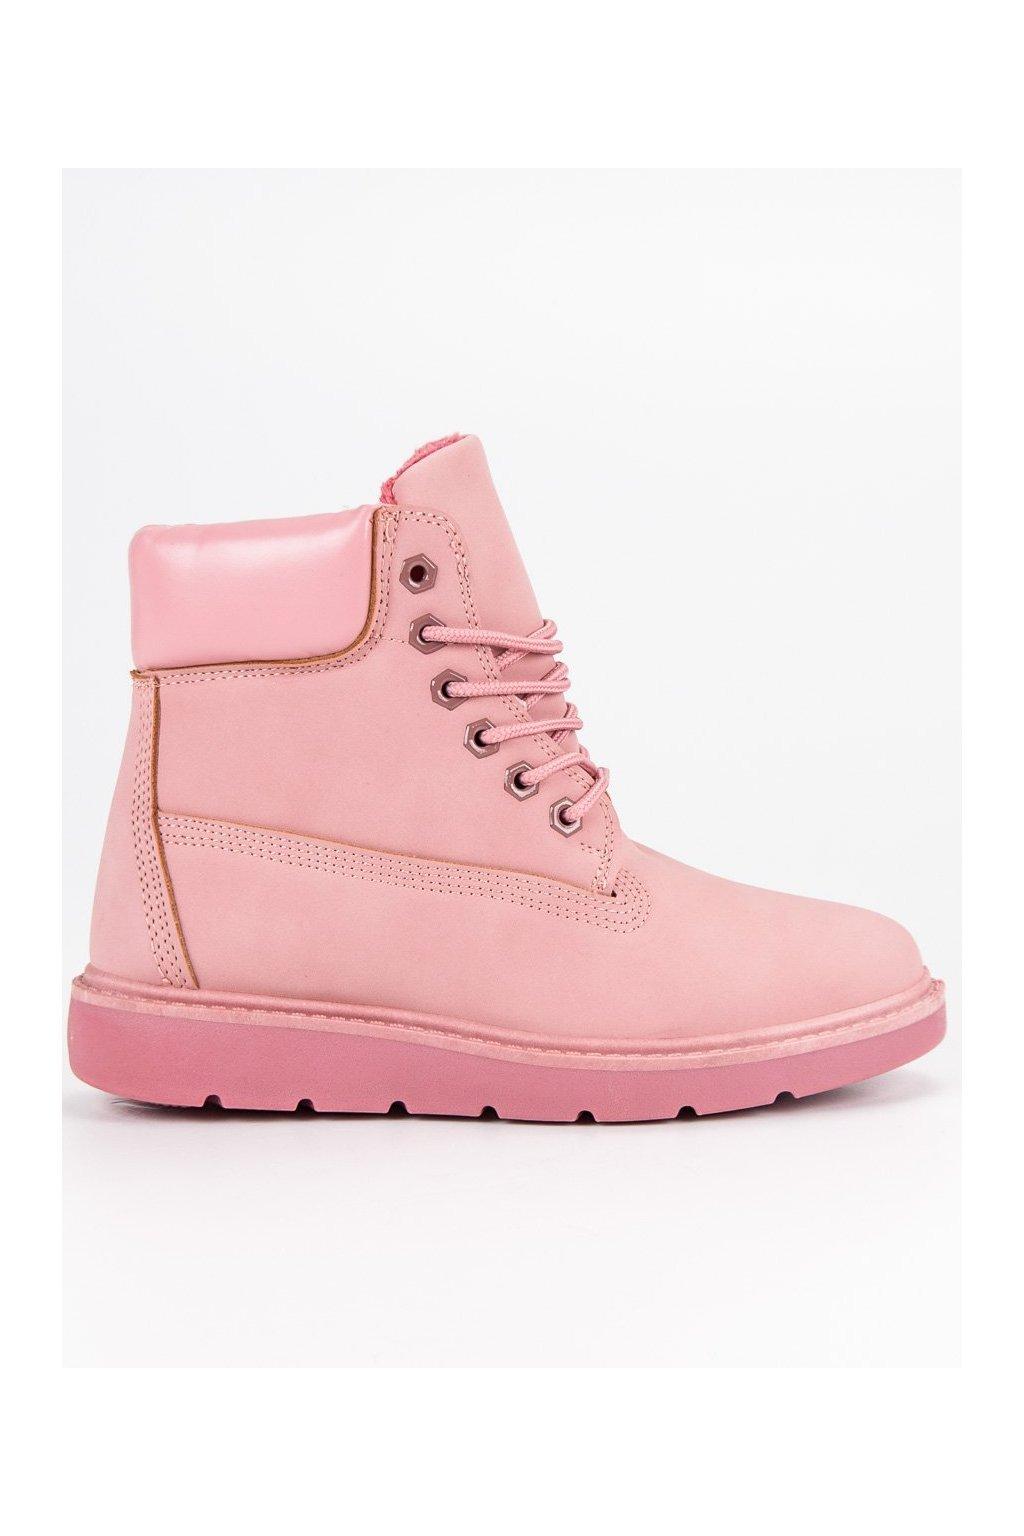 Trendy topánky trapery ružovej farby Small Swan 603b431a8b6